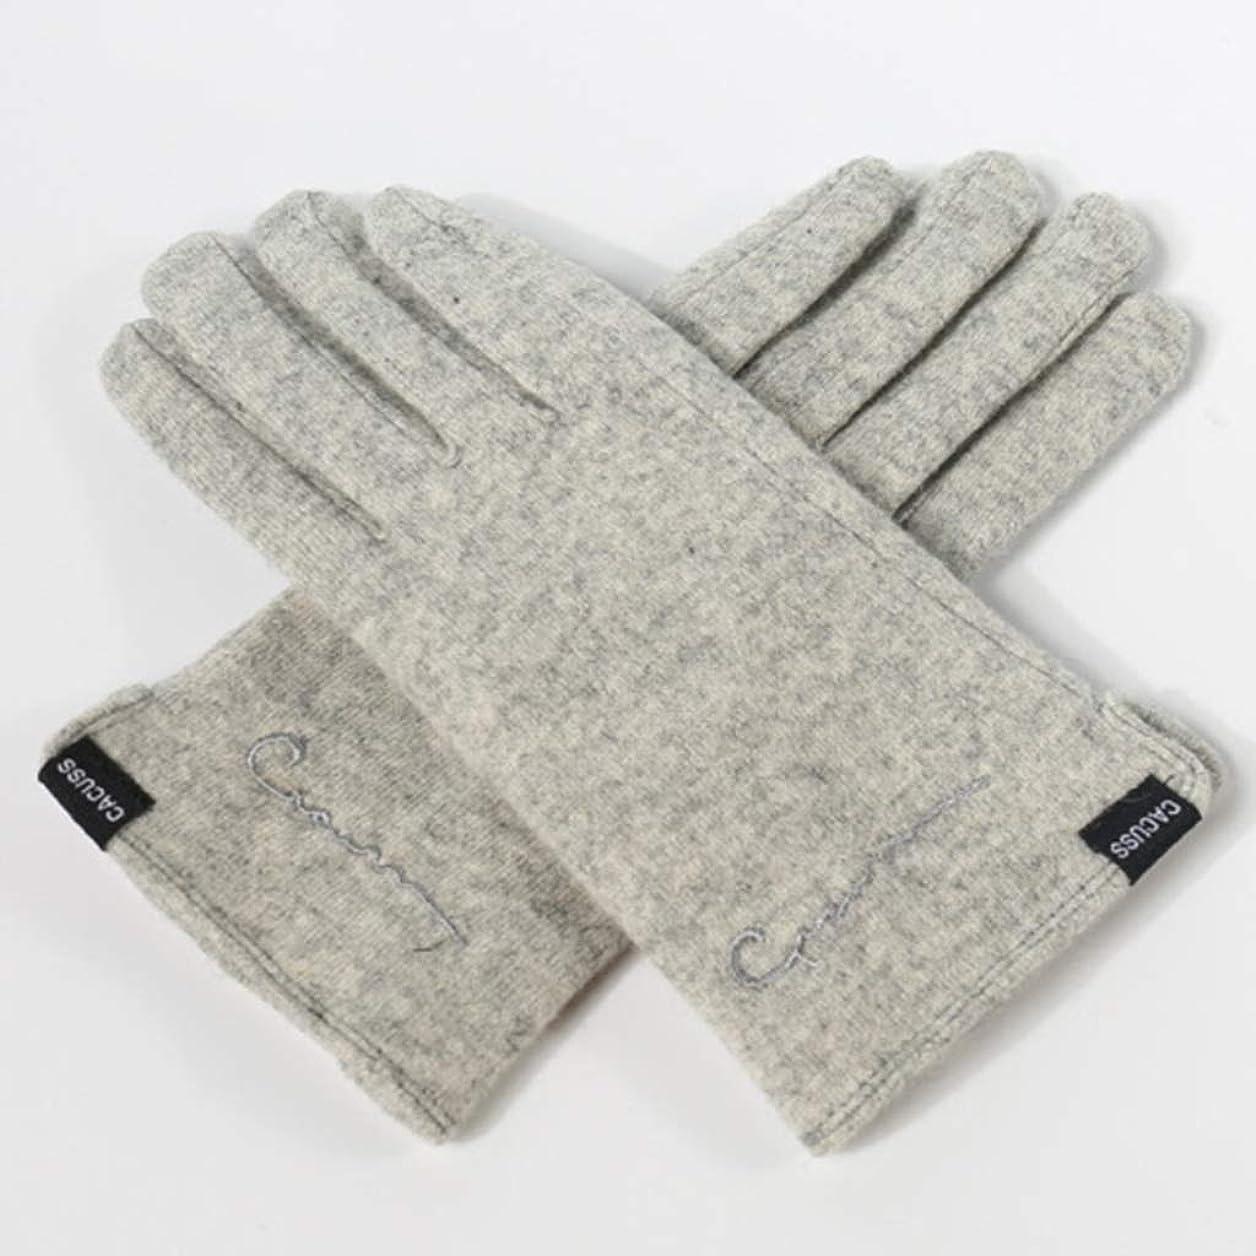 社会科モーテル豊富手袋女性の冬のタッチスクリーンのファッション暖かく快適なポイントは、乗馬を厚くする (色 : Gray)